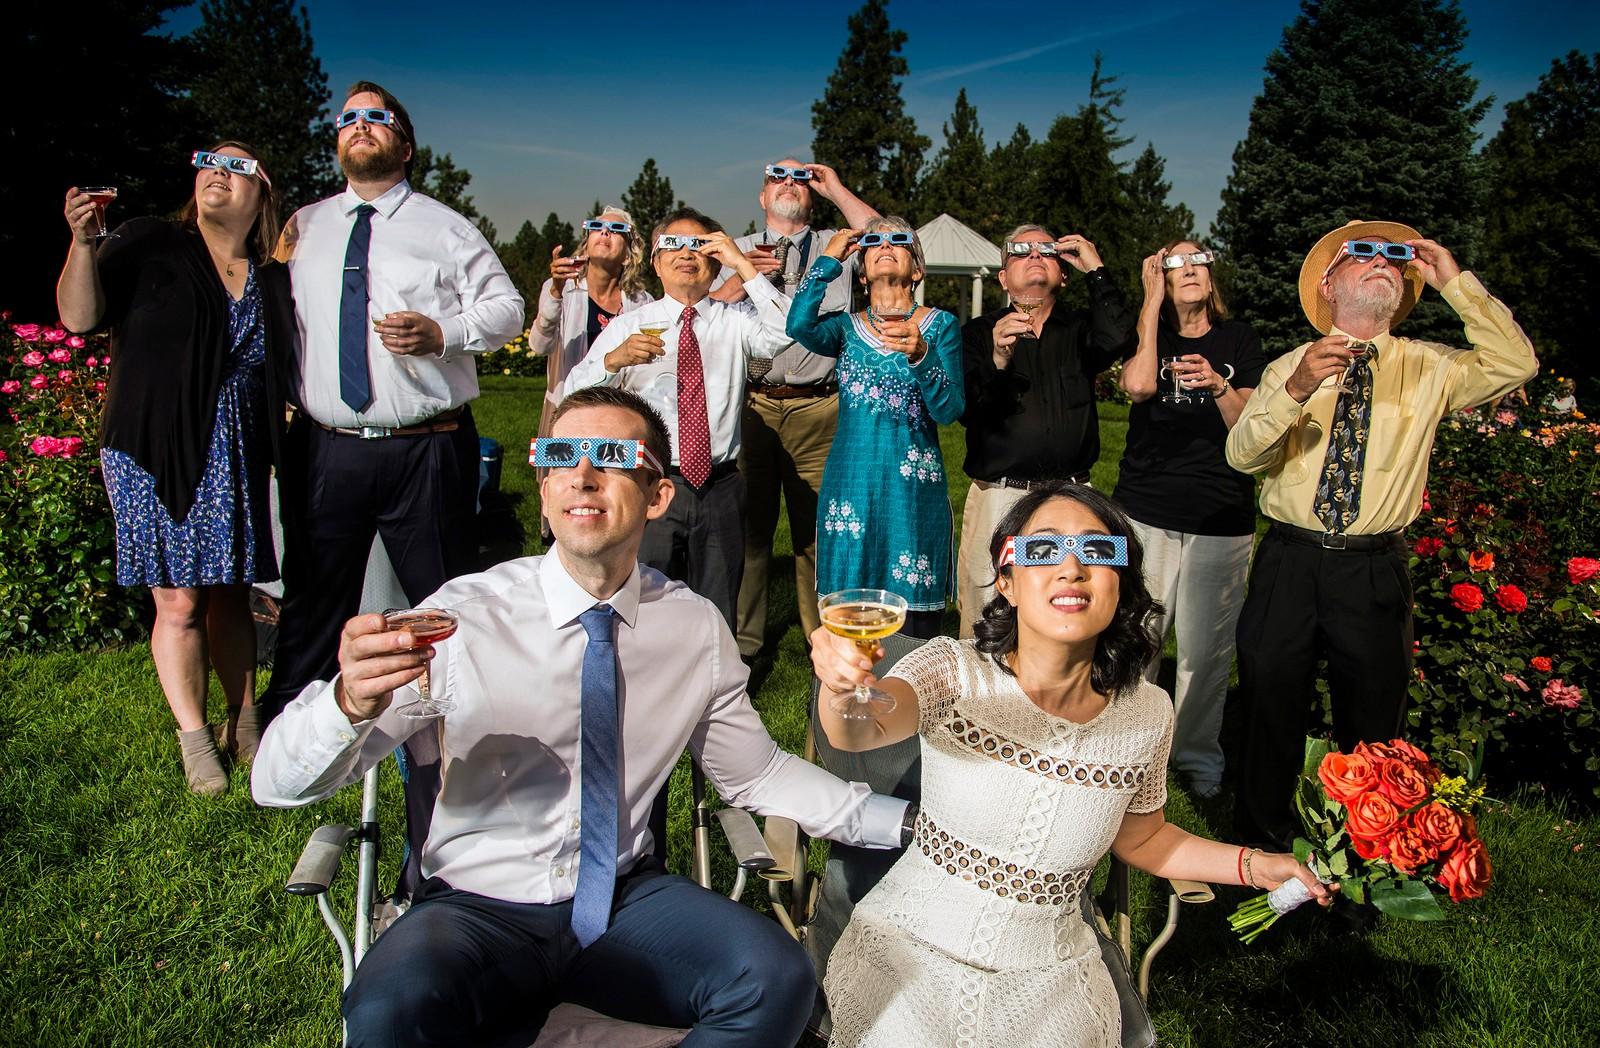 Mens noen retta linsa mot solformørkelsen, tenkte andre motsatt. Etter bryllupsseremonien skålte Nathan Mauger og Connie Young med gjester i Spokane. Washington.